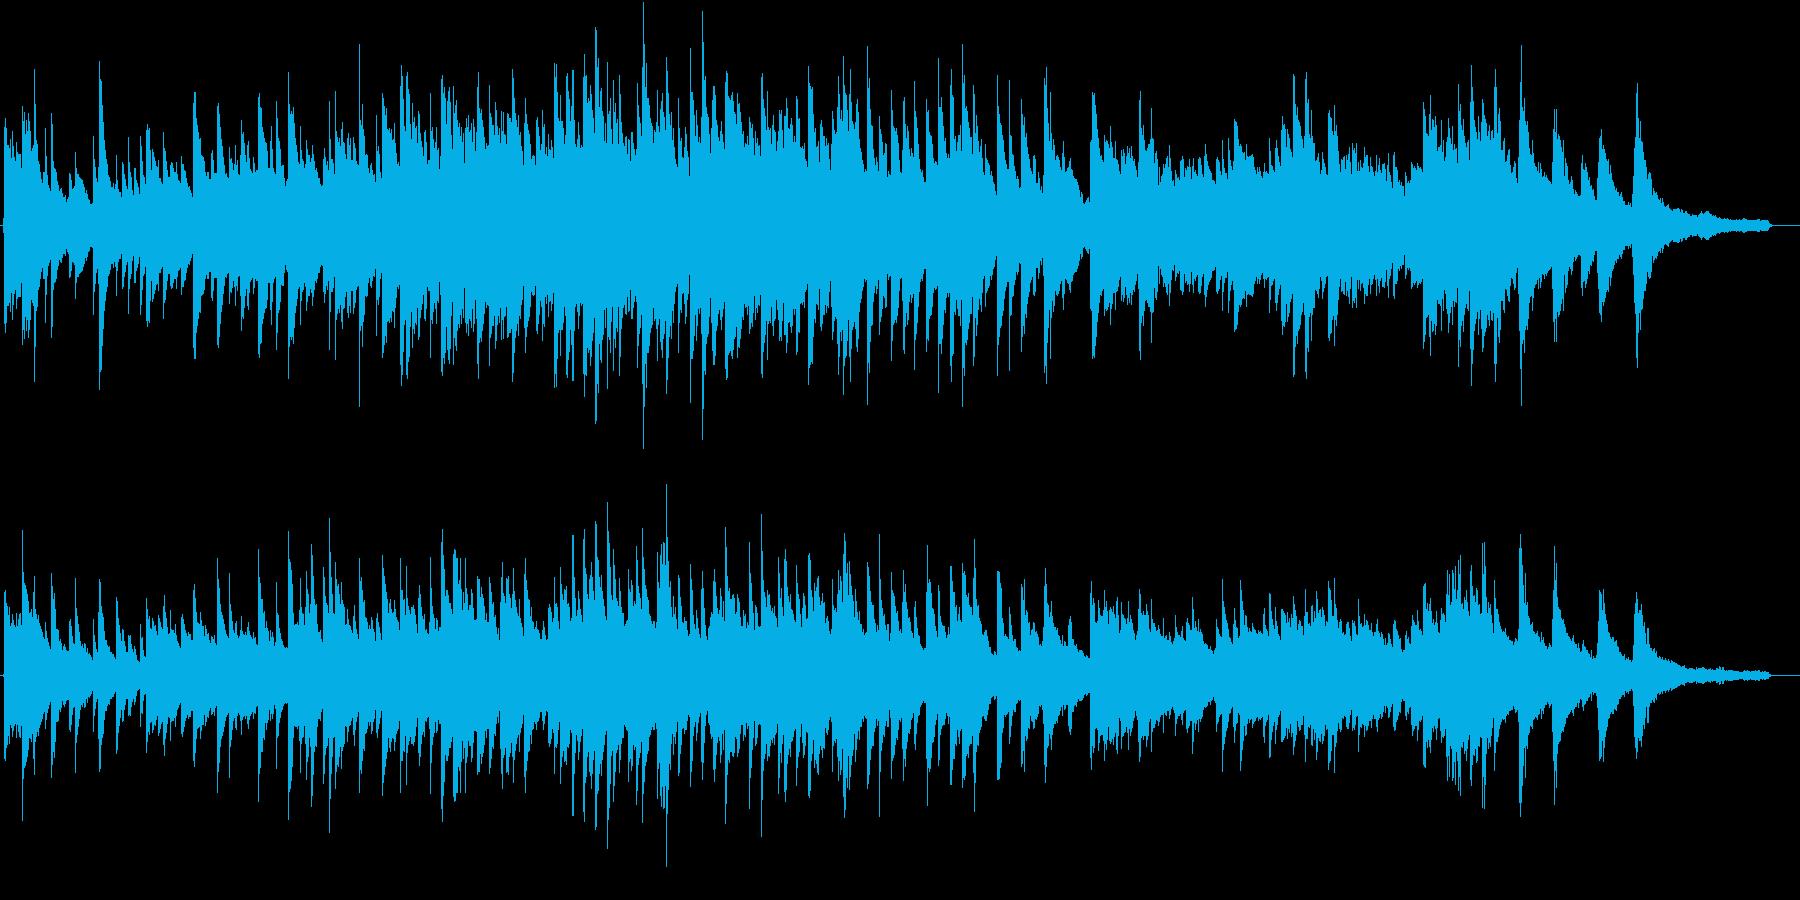 ヒーリング系のピアノソロ(スタインウェイの再生済みの波形